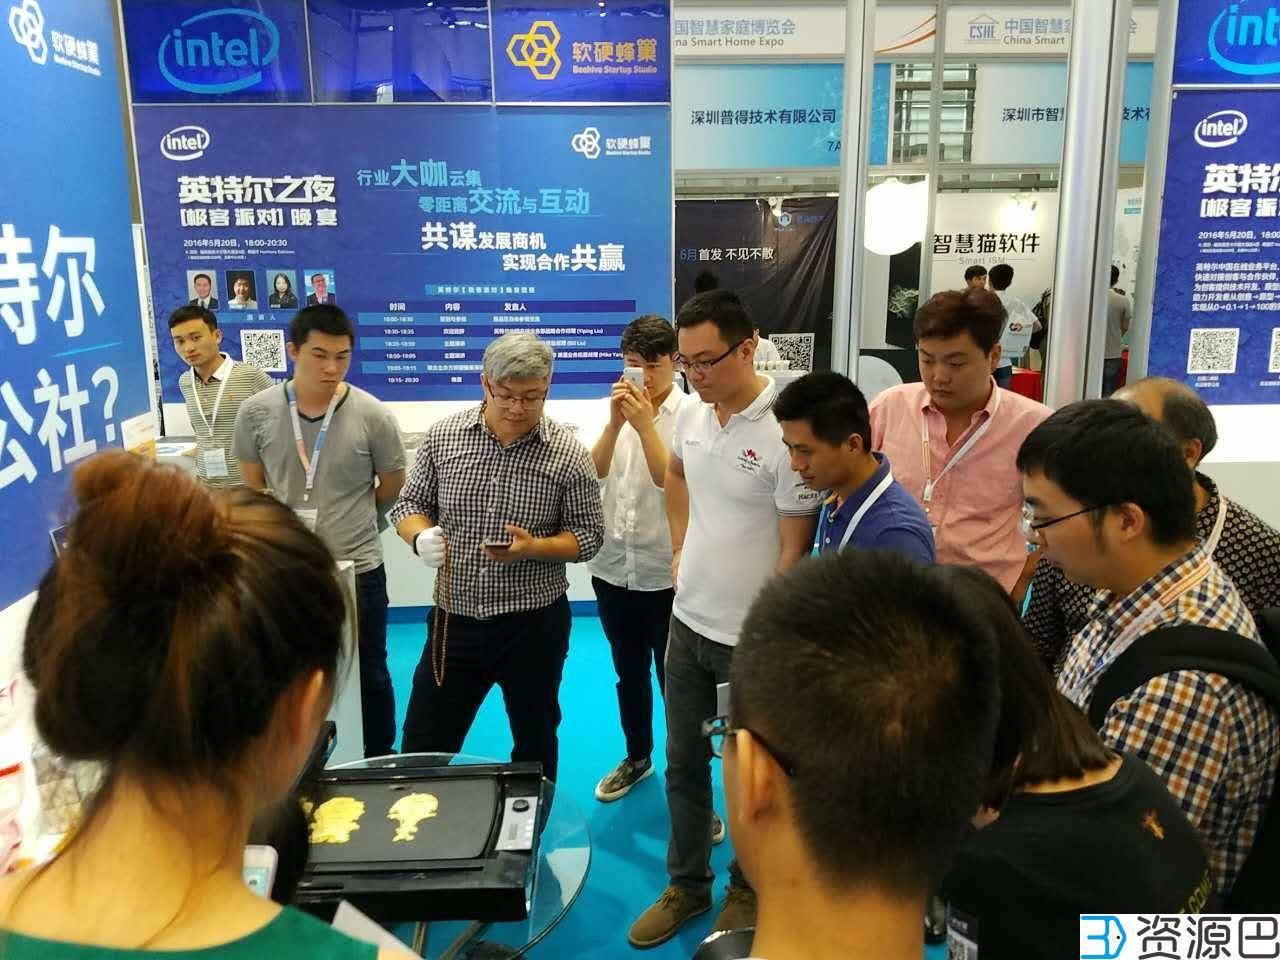 2016中国智慧家庭博览会今日在深圳正式开幕插图1